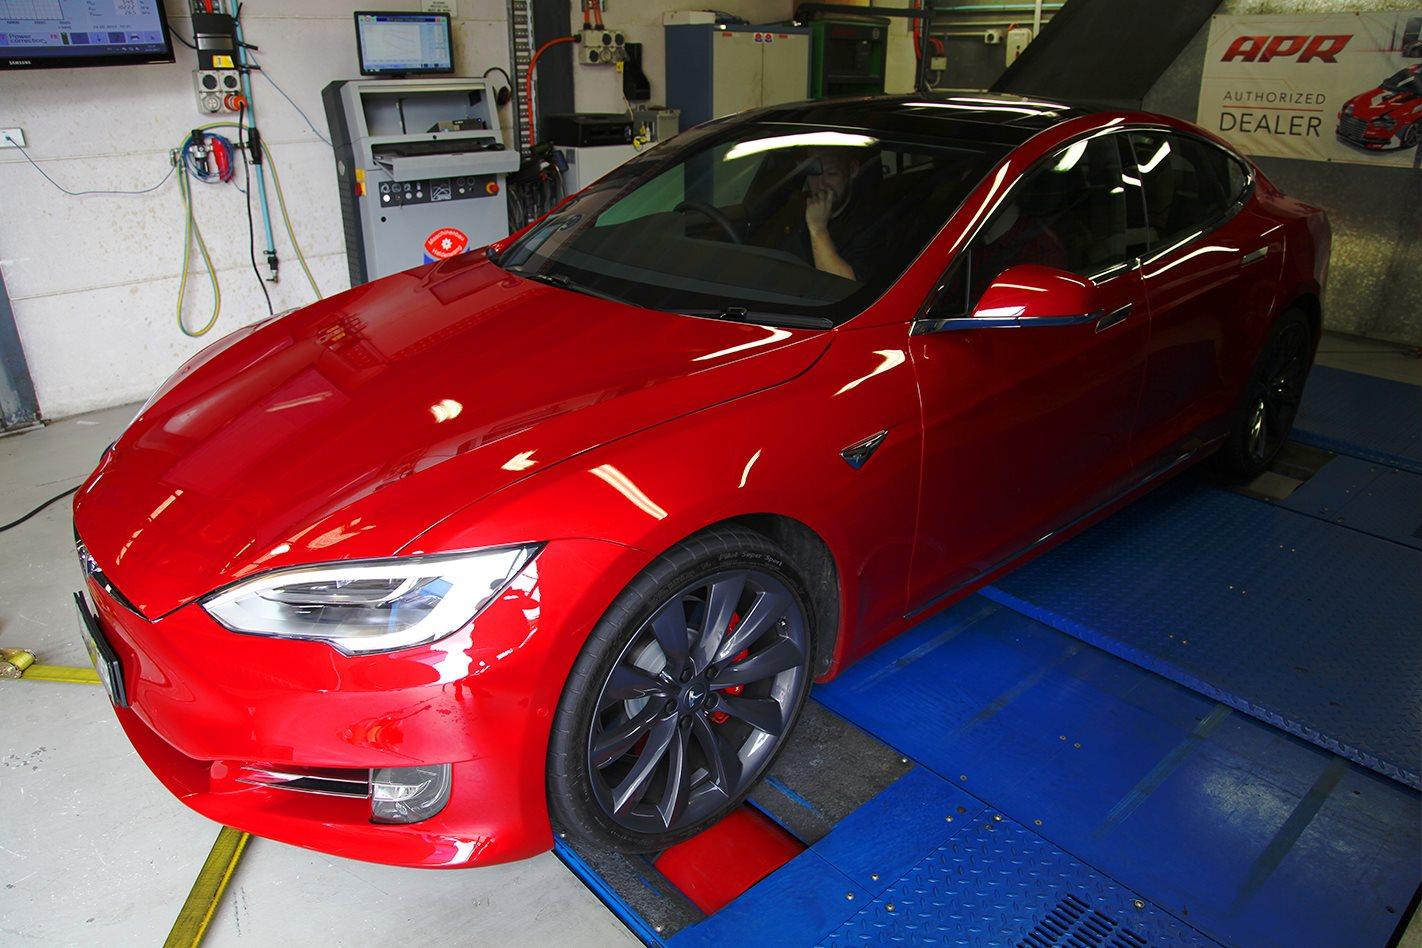 Tesla on dyno